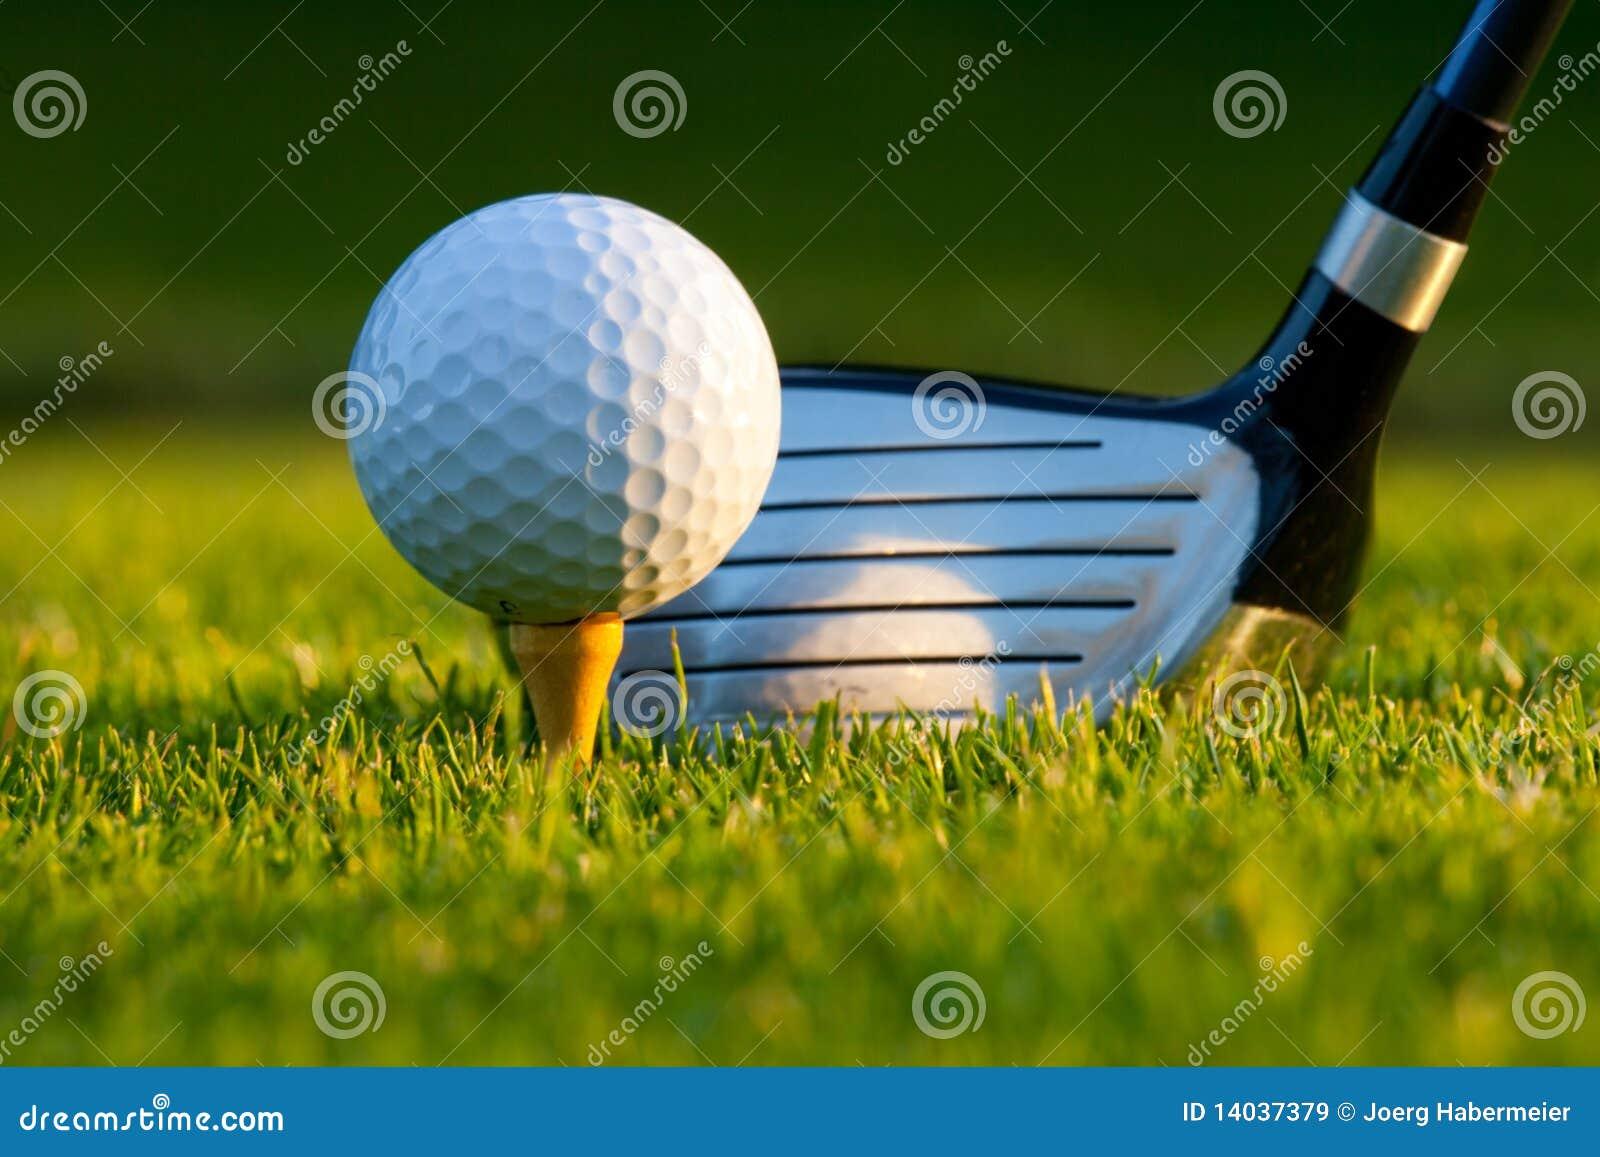 Golfball und Treiber auf Golfplatz